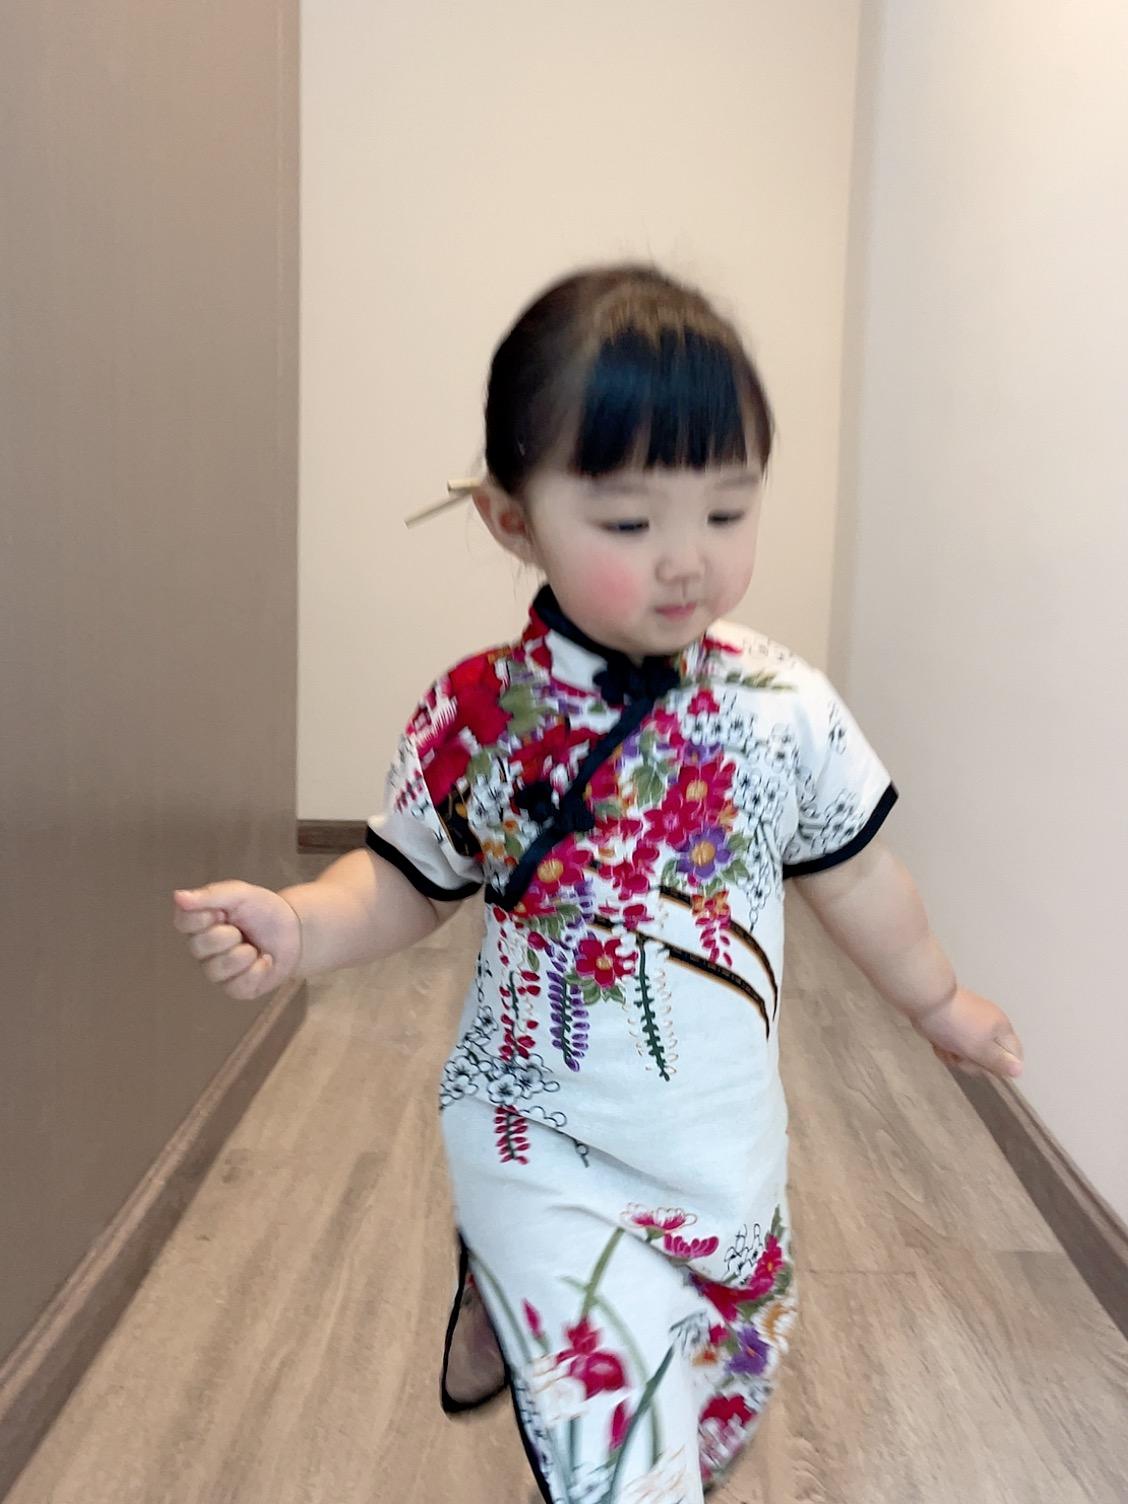 千智小朋友同款 玫瑰花色旗袍宝宝周岁中国风裙子(花形随机)